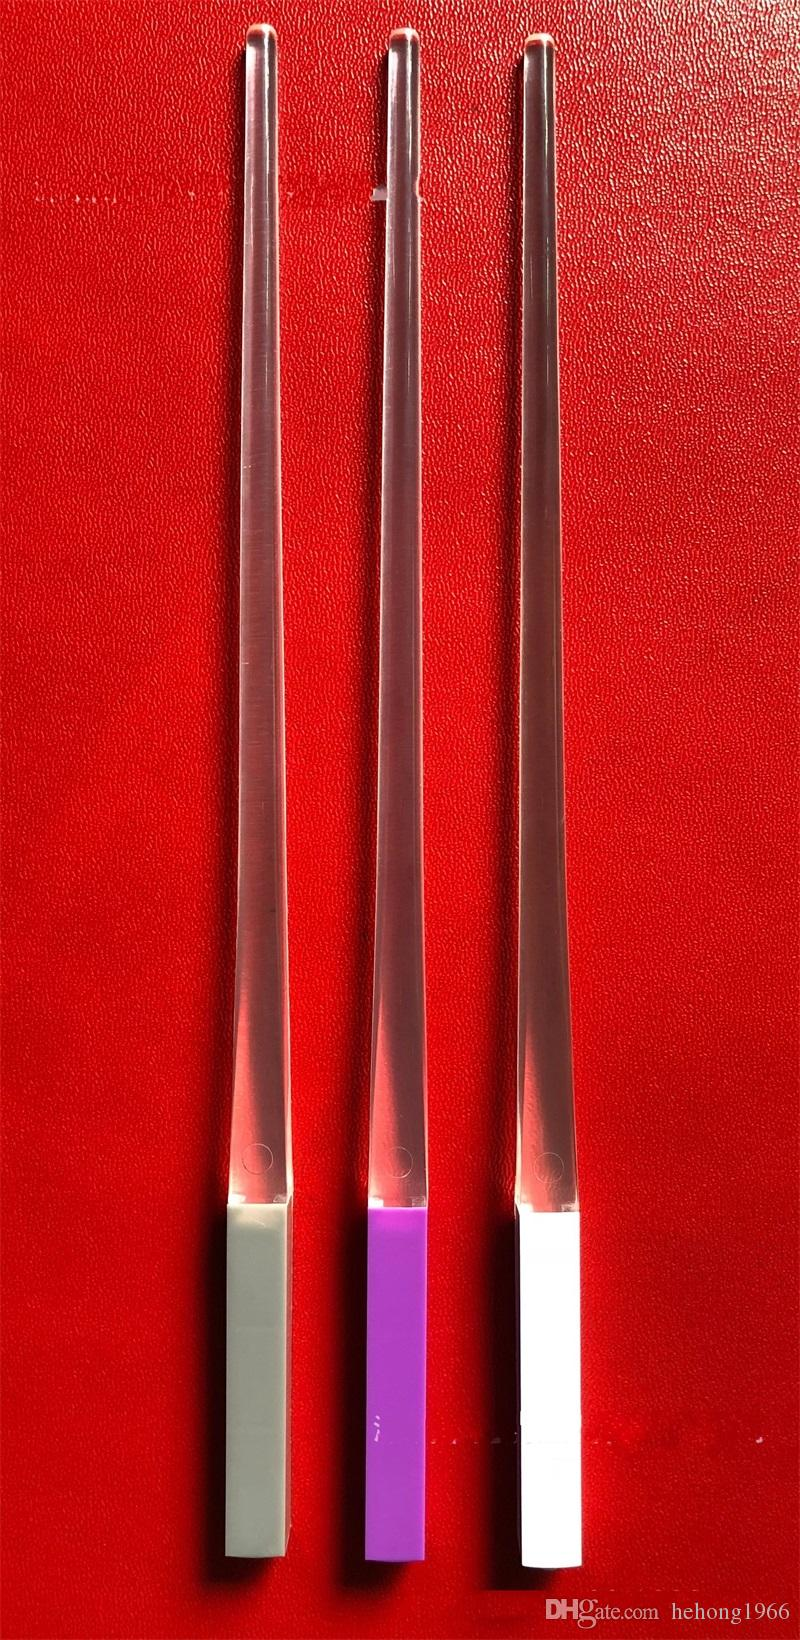 Luminescence bacchette LED regalo lavabile plastica commestibile della luce del flash bastone giocattolo concerto vocale i bambini creativo 11 8yx v